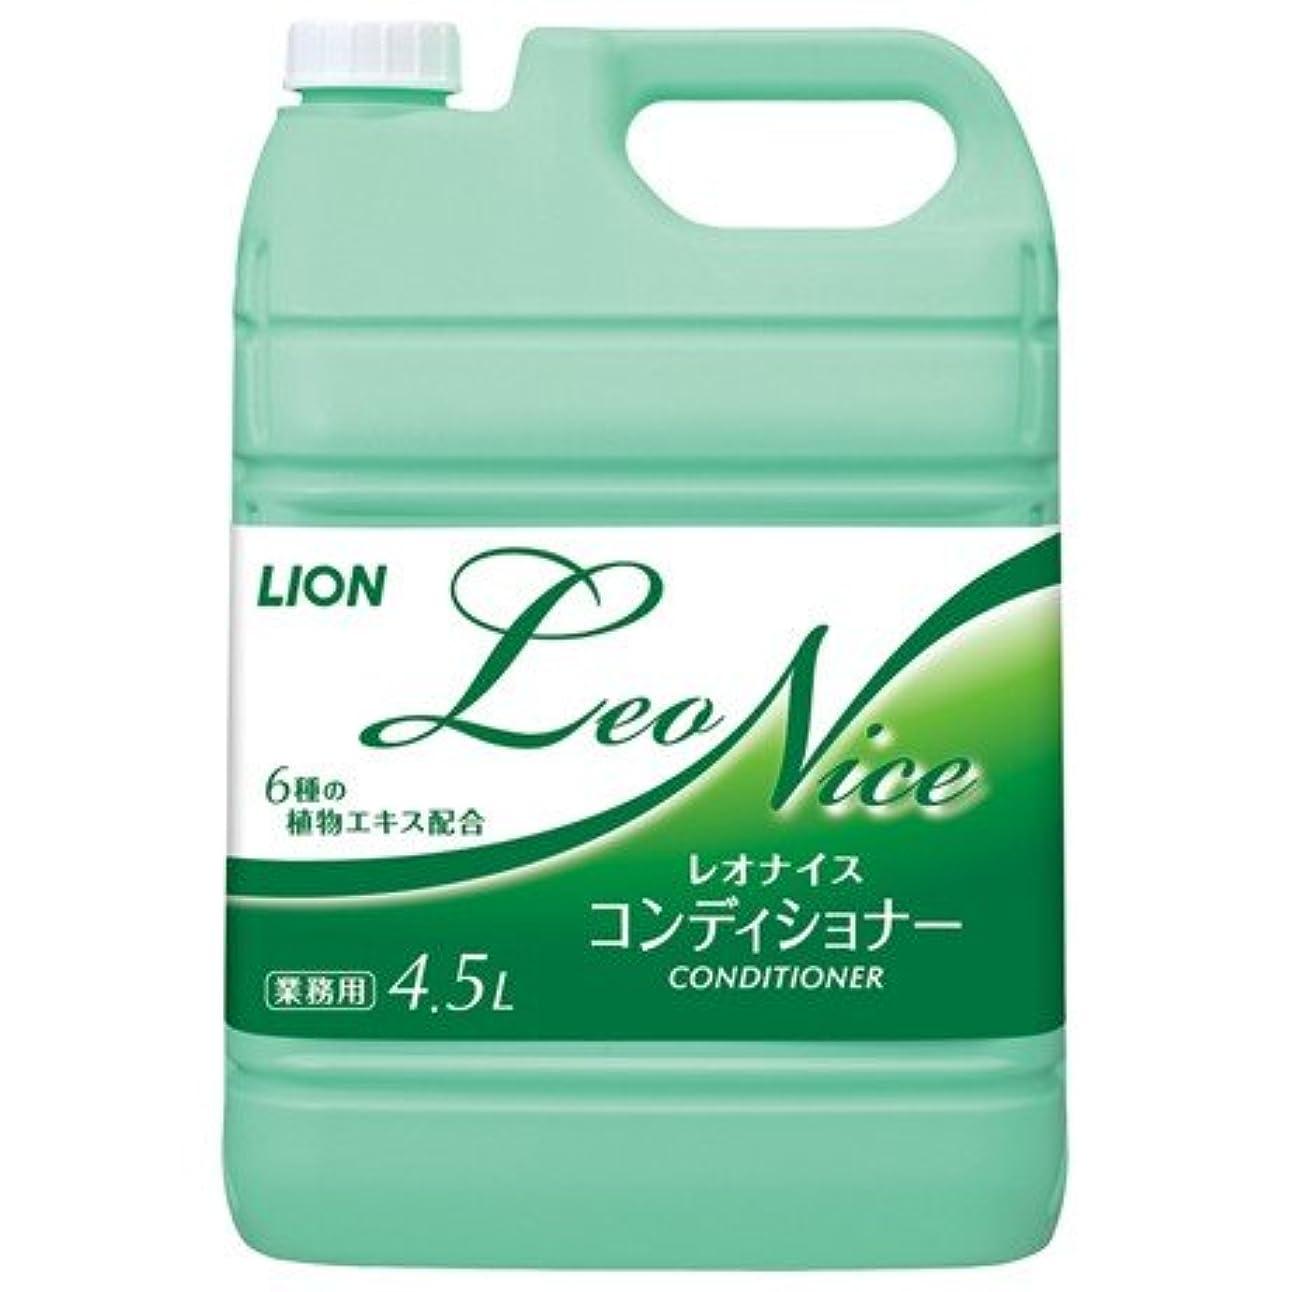 環境スピーチ僕のライオン レオナイス コンディショナー 4.5L×3本入